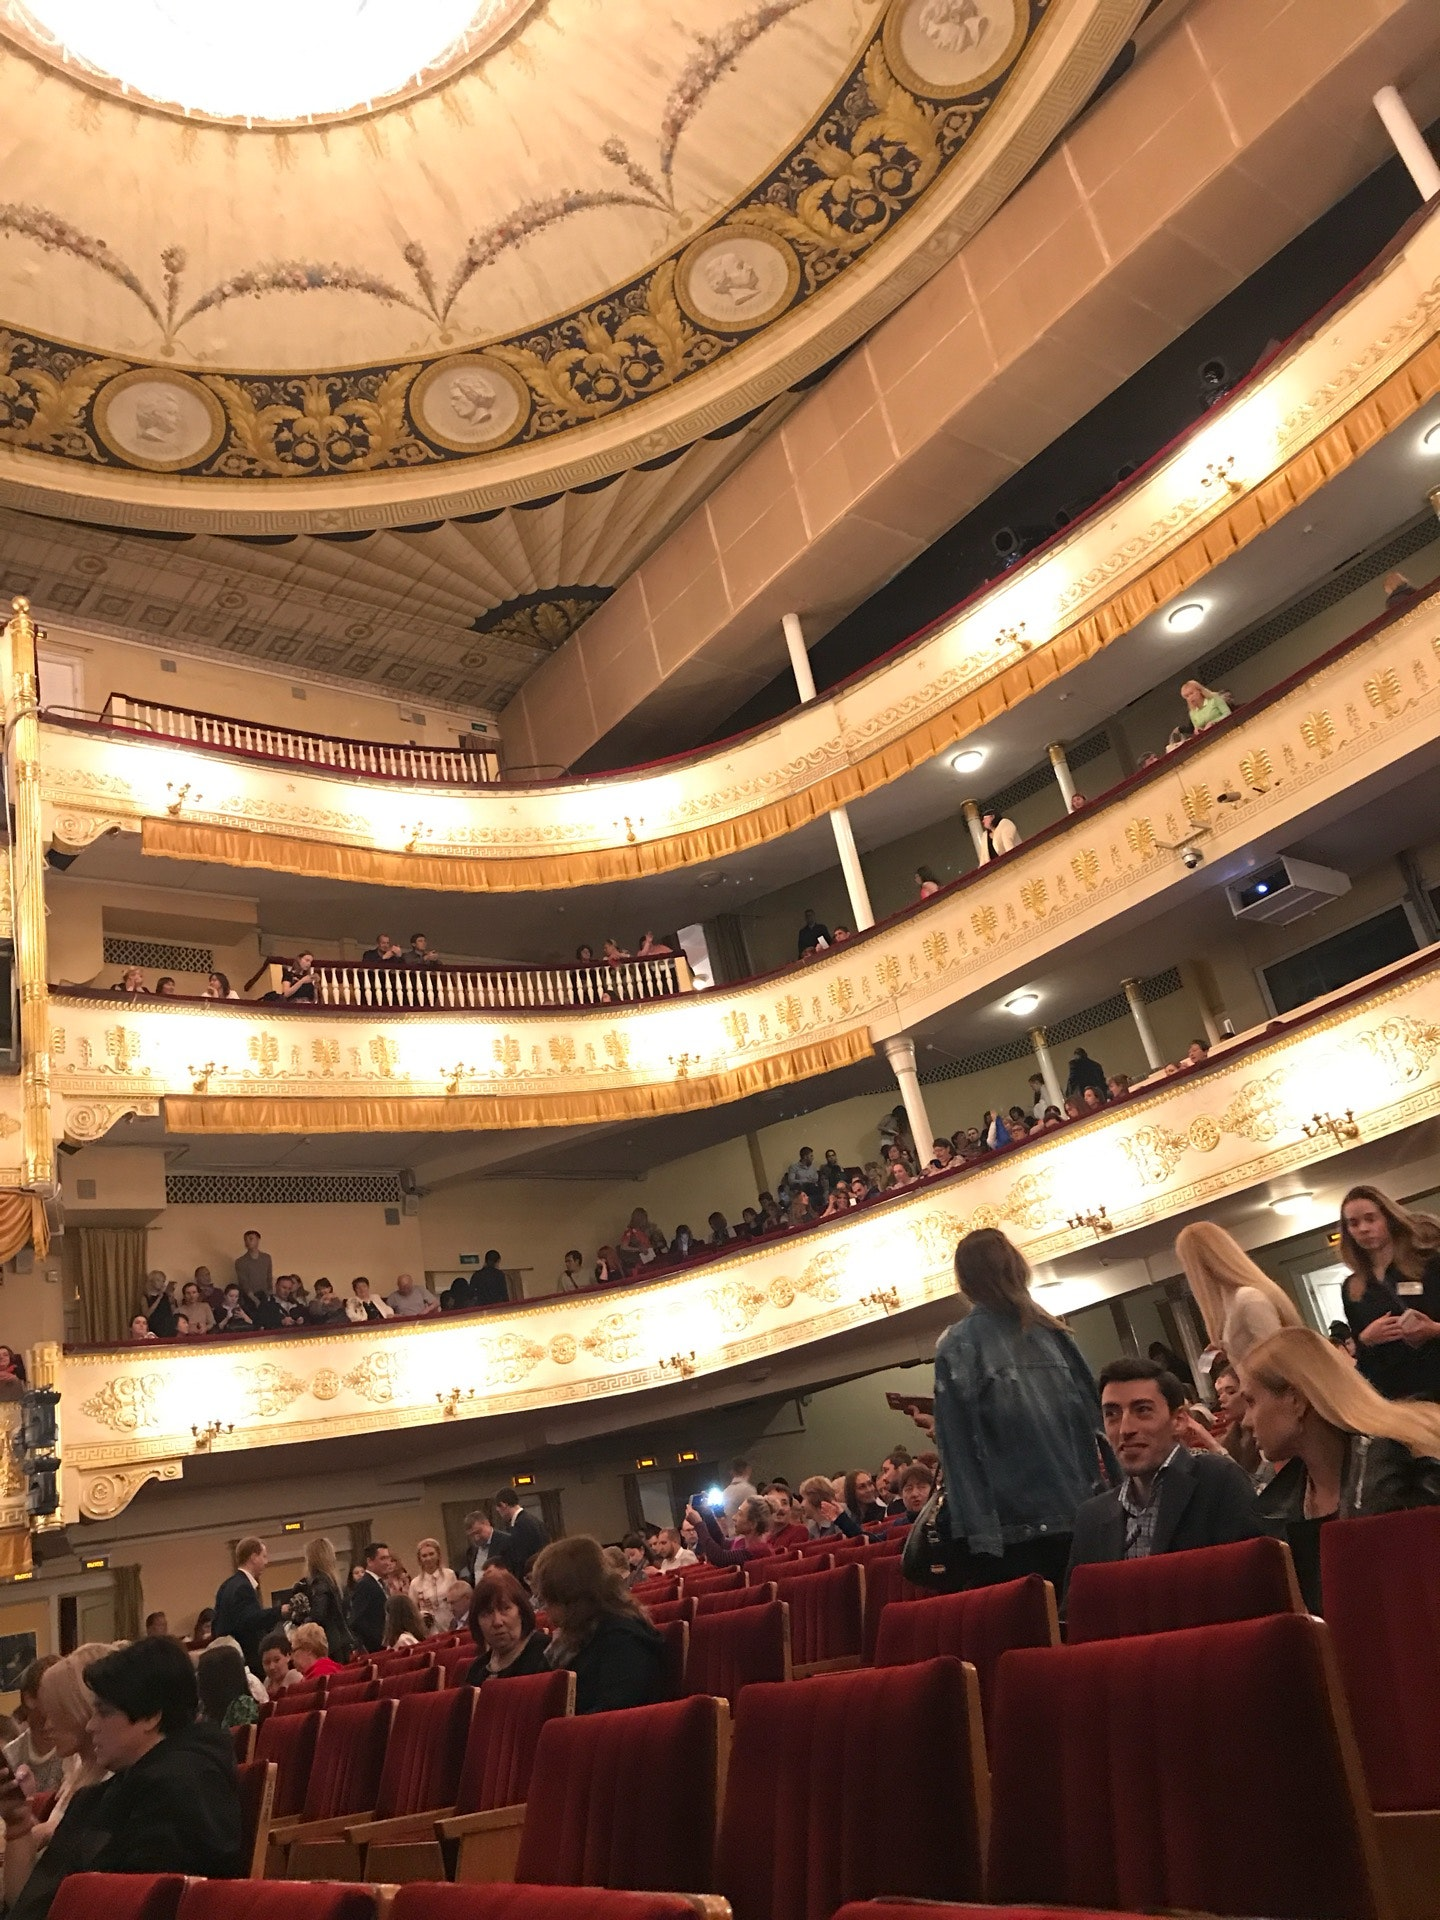 Схема проезда в театр оперетты фото 584